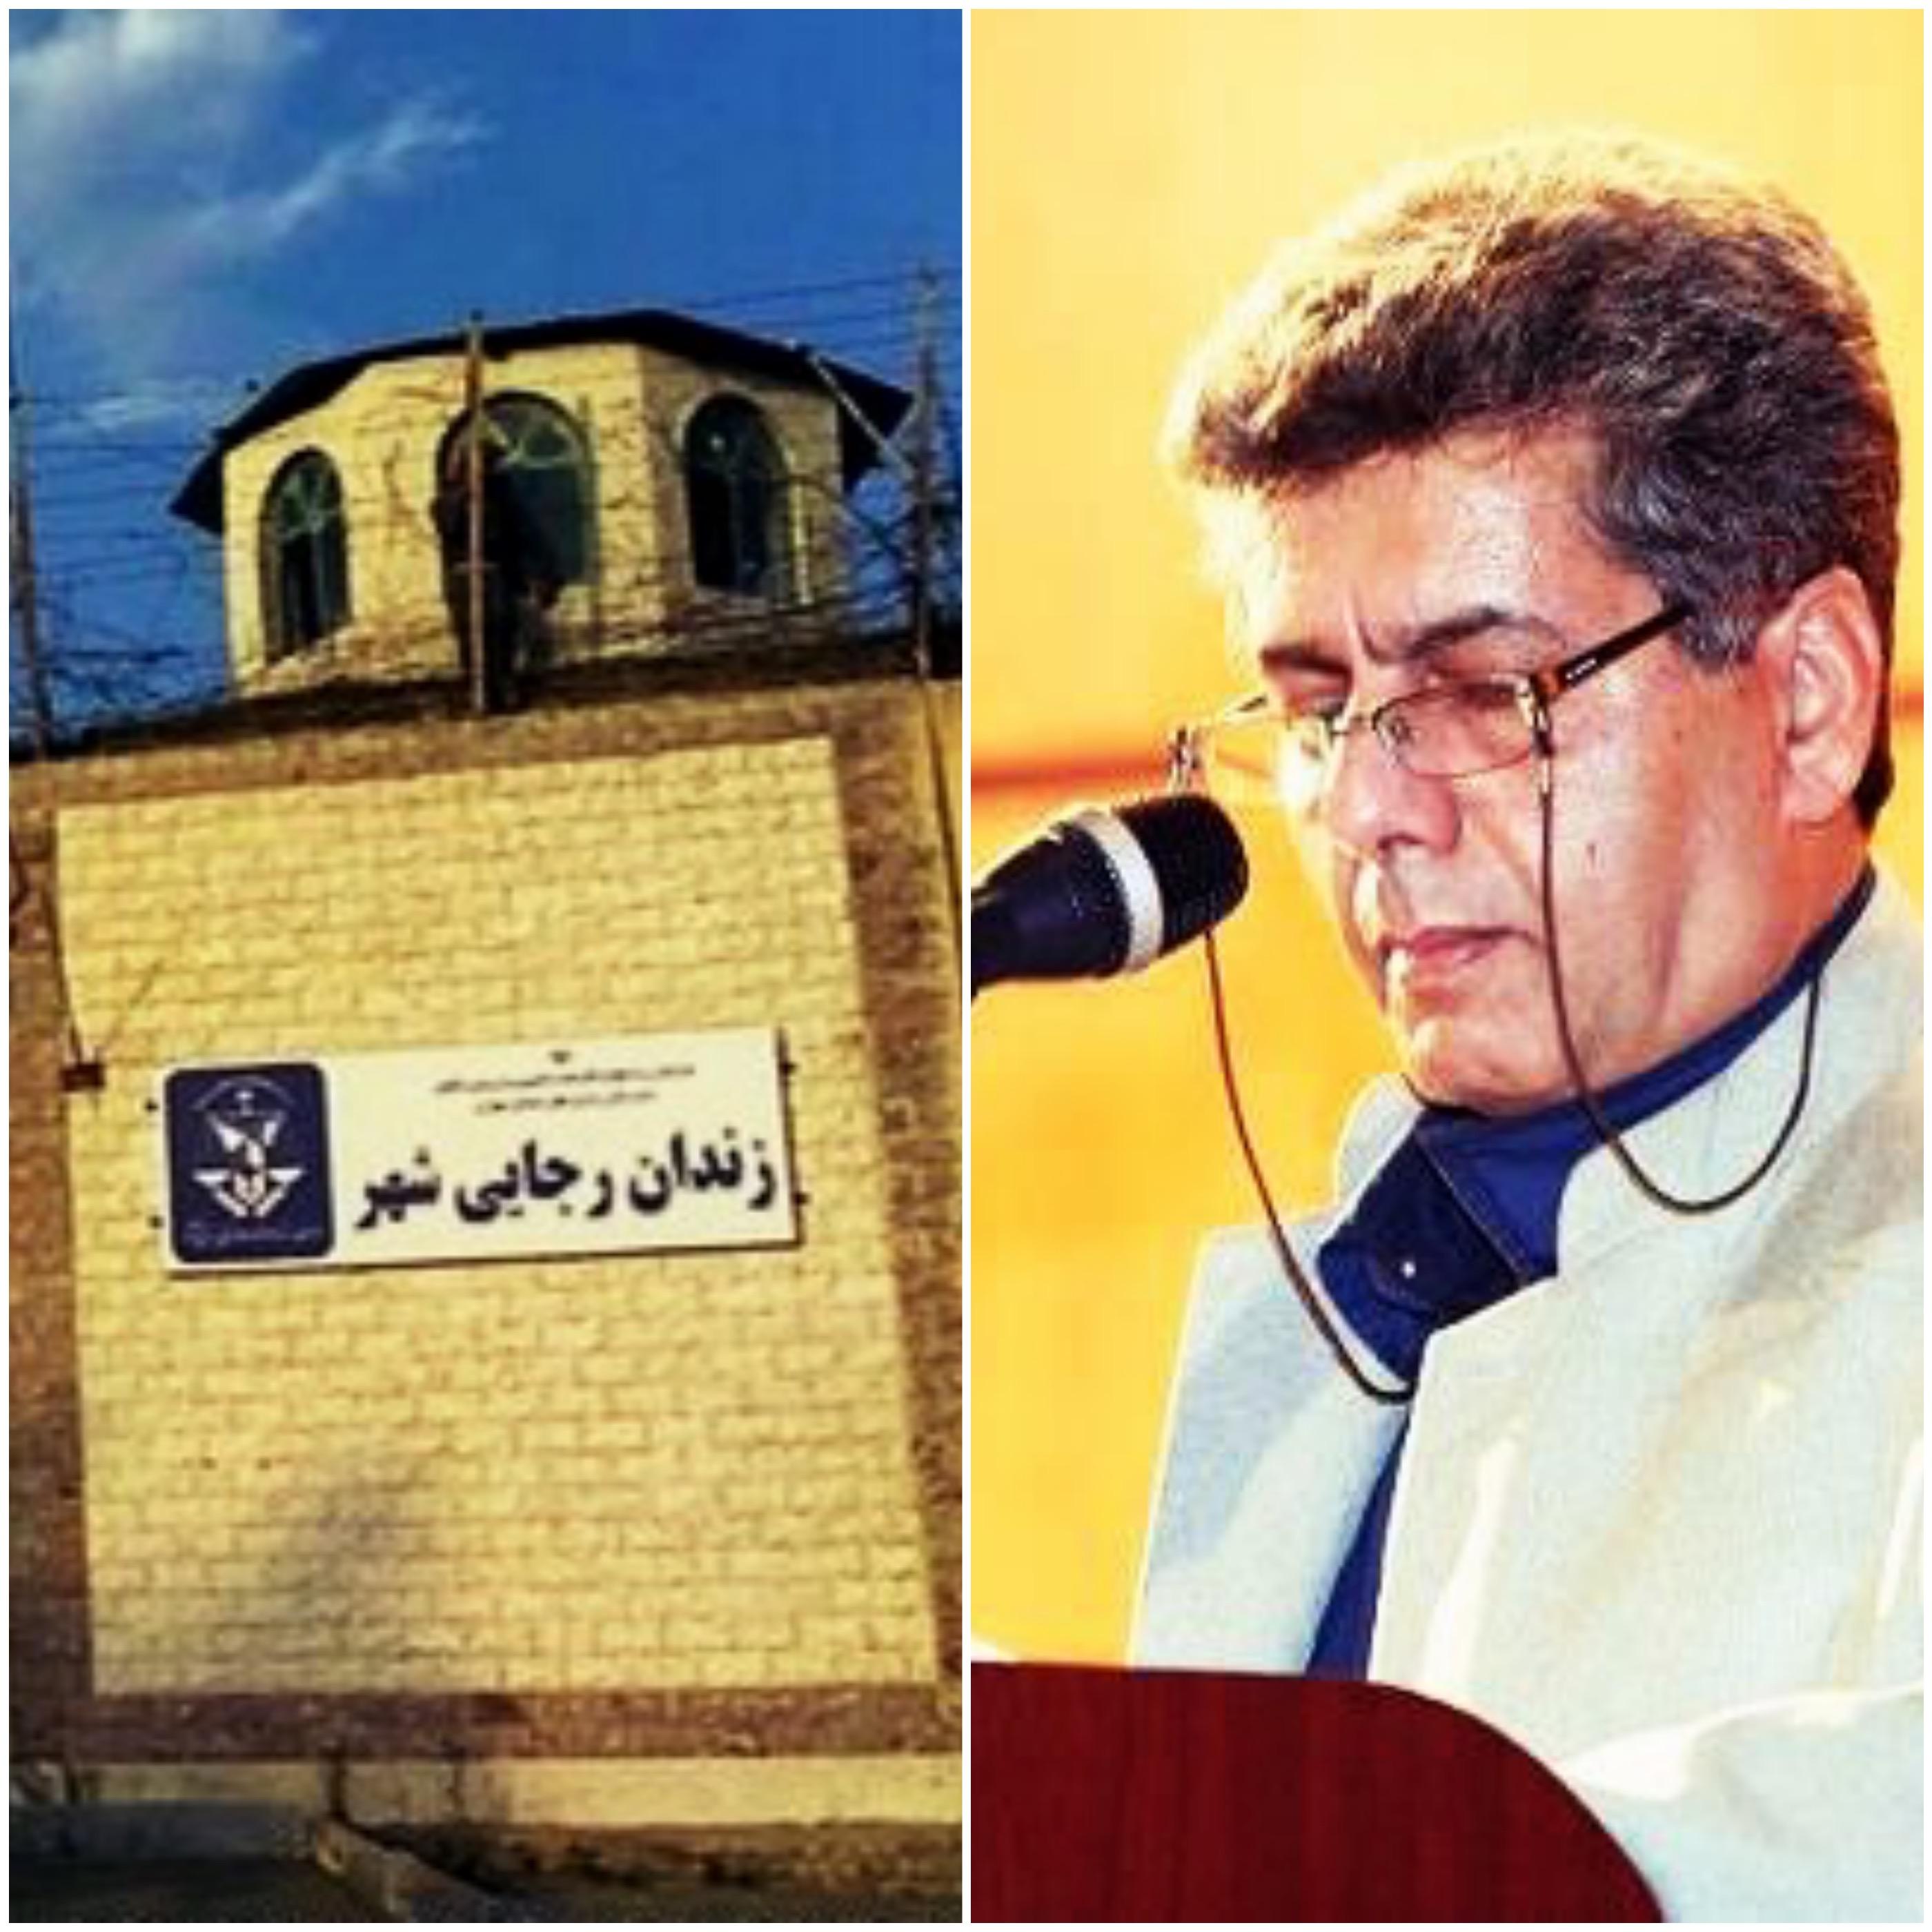 ممانعت مسئولین زندان ازملاقات محمدرضاعالی پیام با خانواده اش